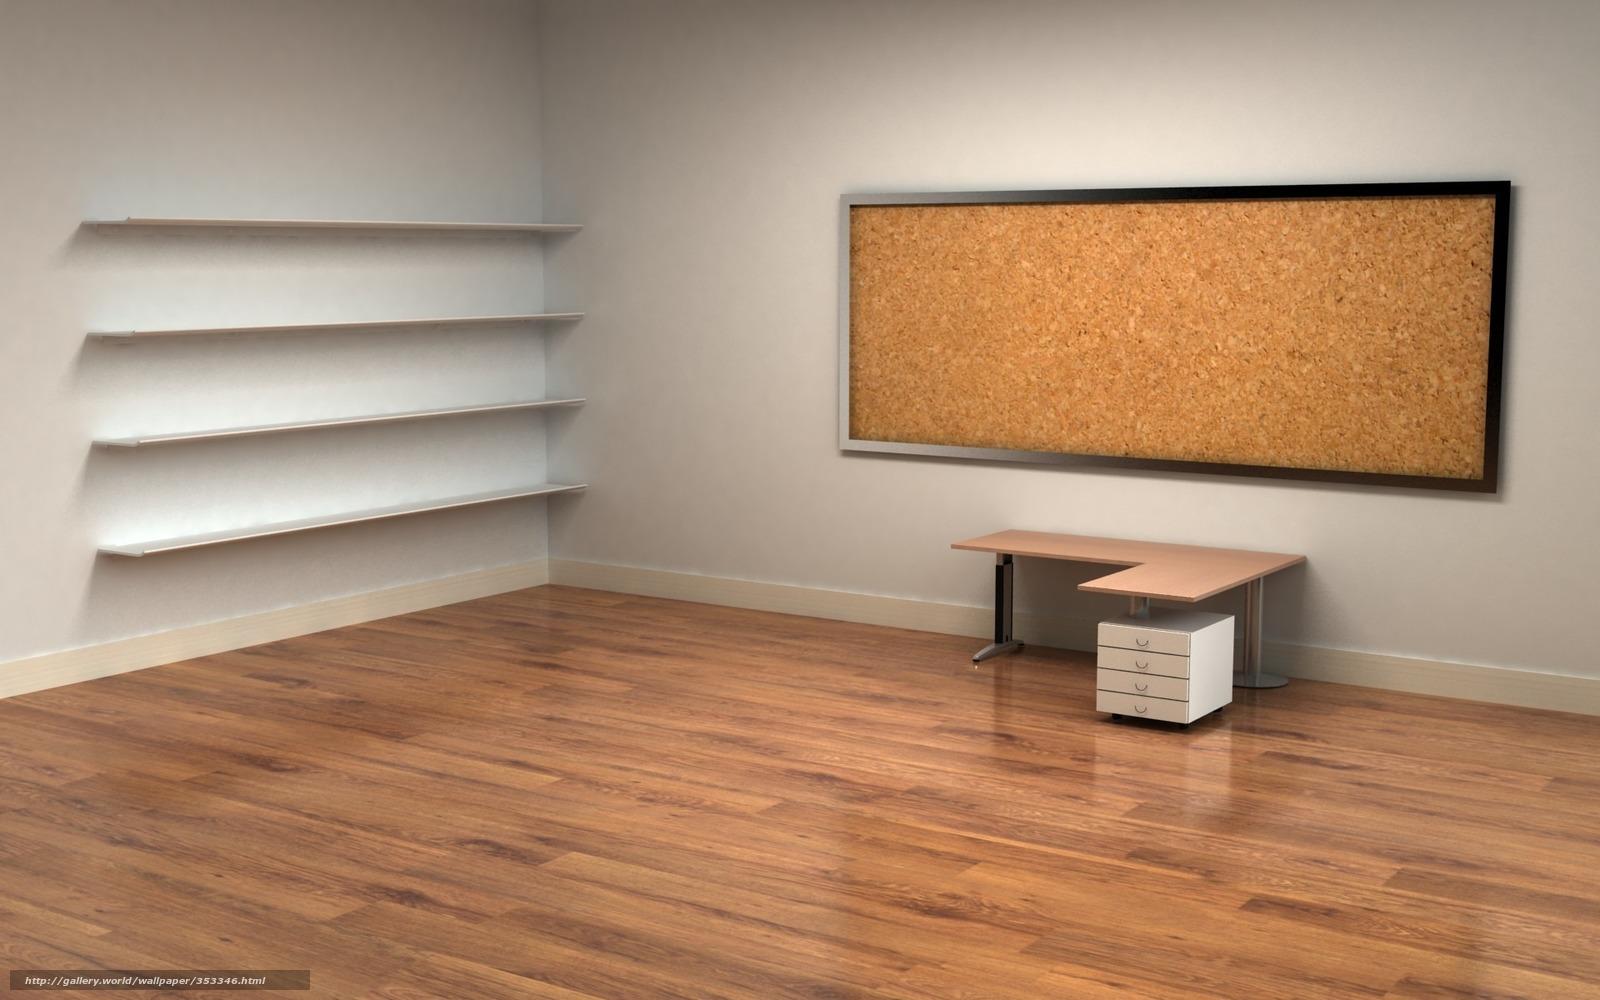 wallpaper zimmer fotos. Black Bedroom Furniture Sets. Home Design Ideas